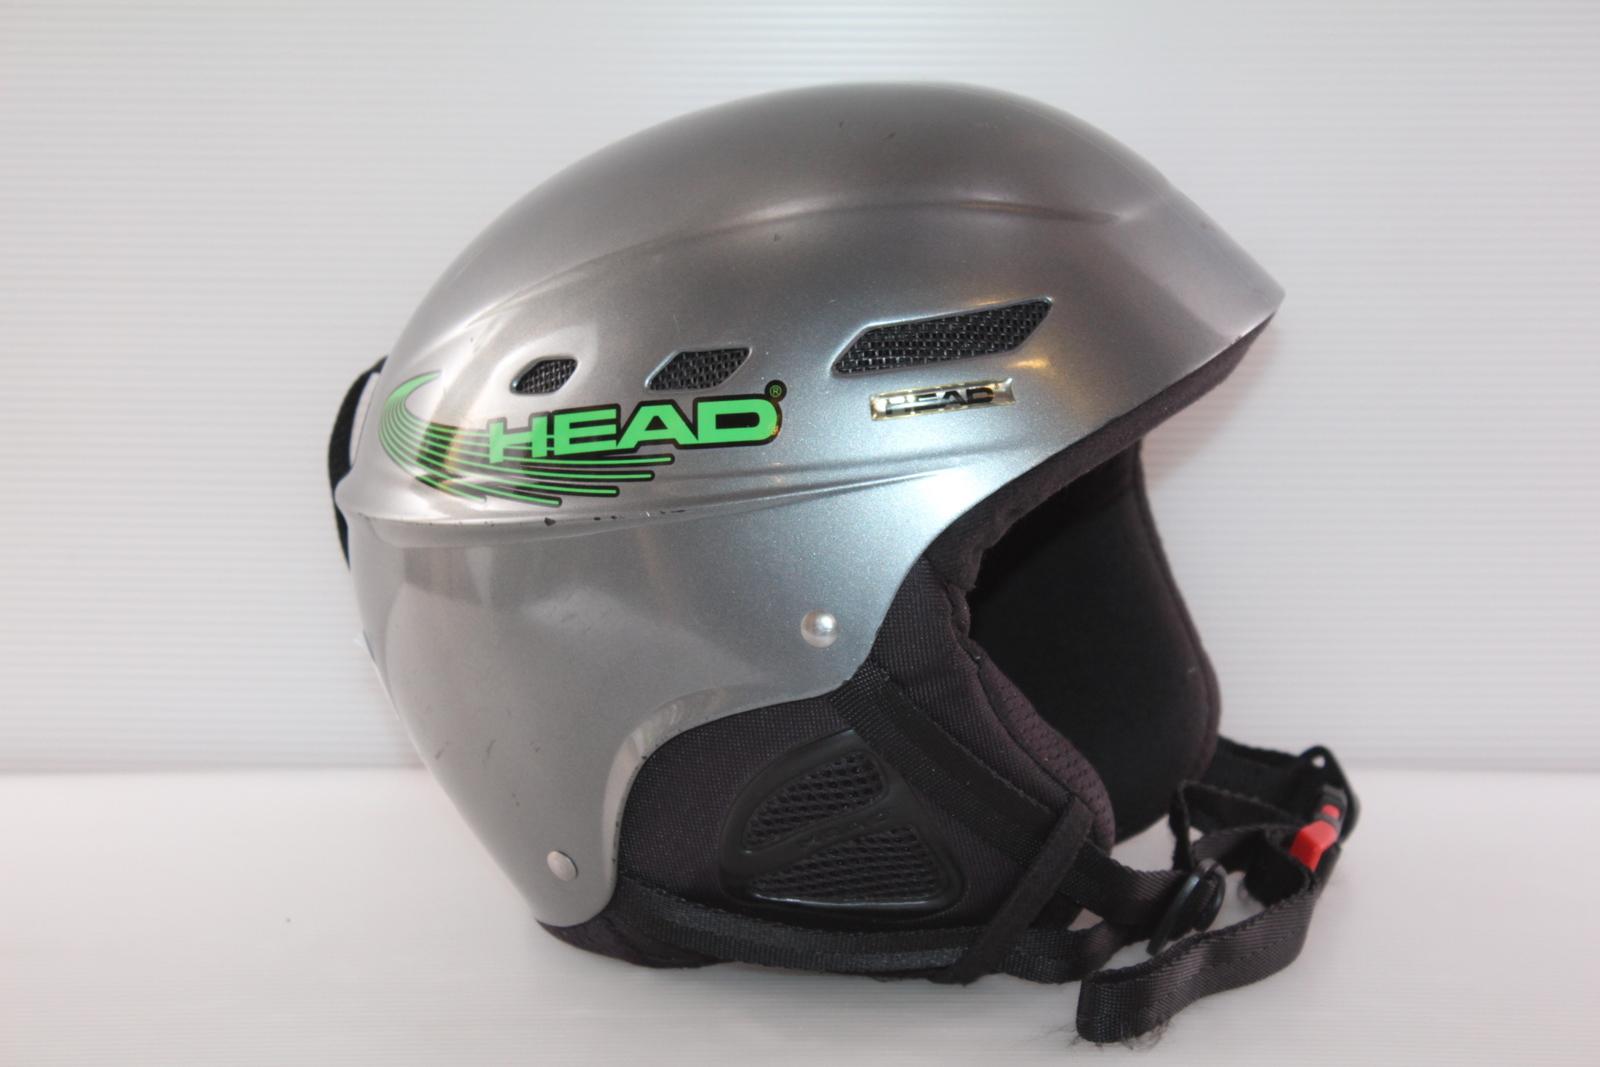 Dětská lyžařská helma Head  vel. 54